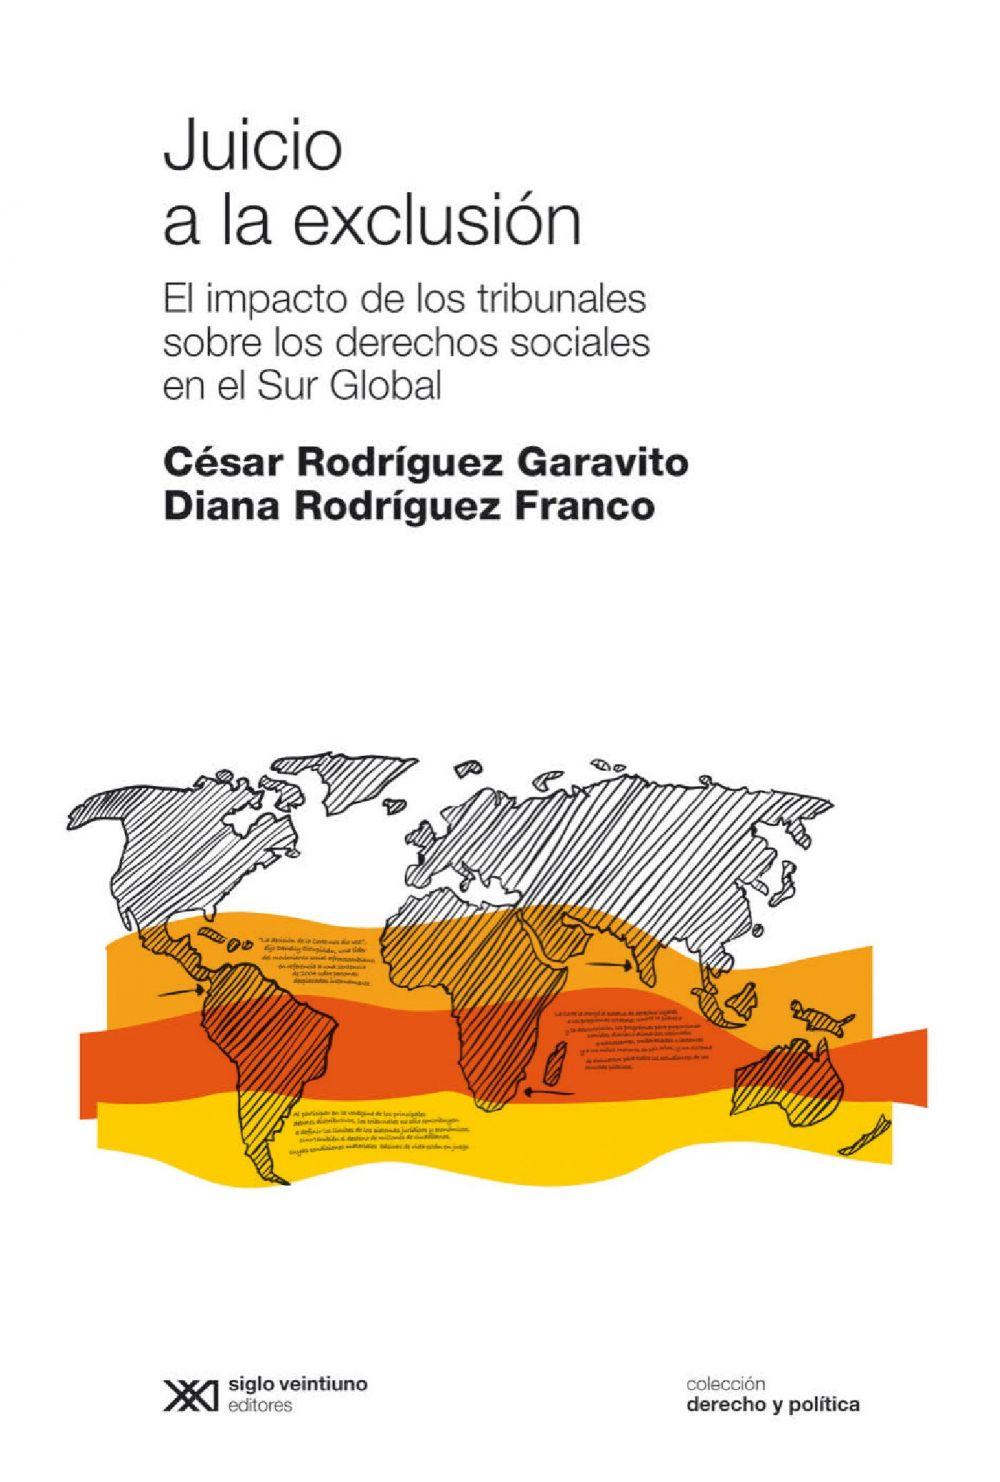 JUICIO A LA EXCLUSION: EL IMPACTO DE LOS TRIBUNALES SOBRE LOS DERECHOS  SOCIALES DEL SUR GLOBAL